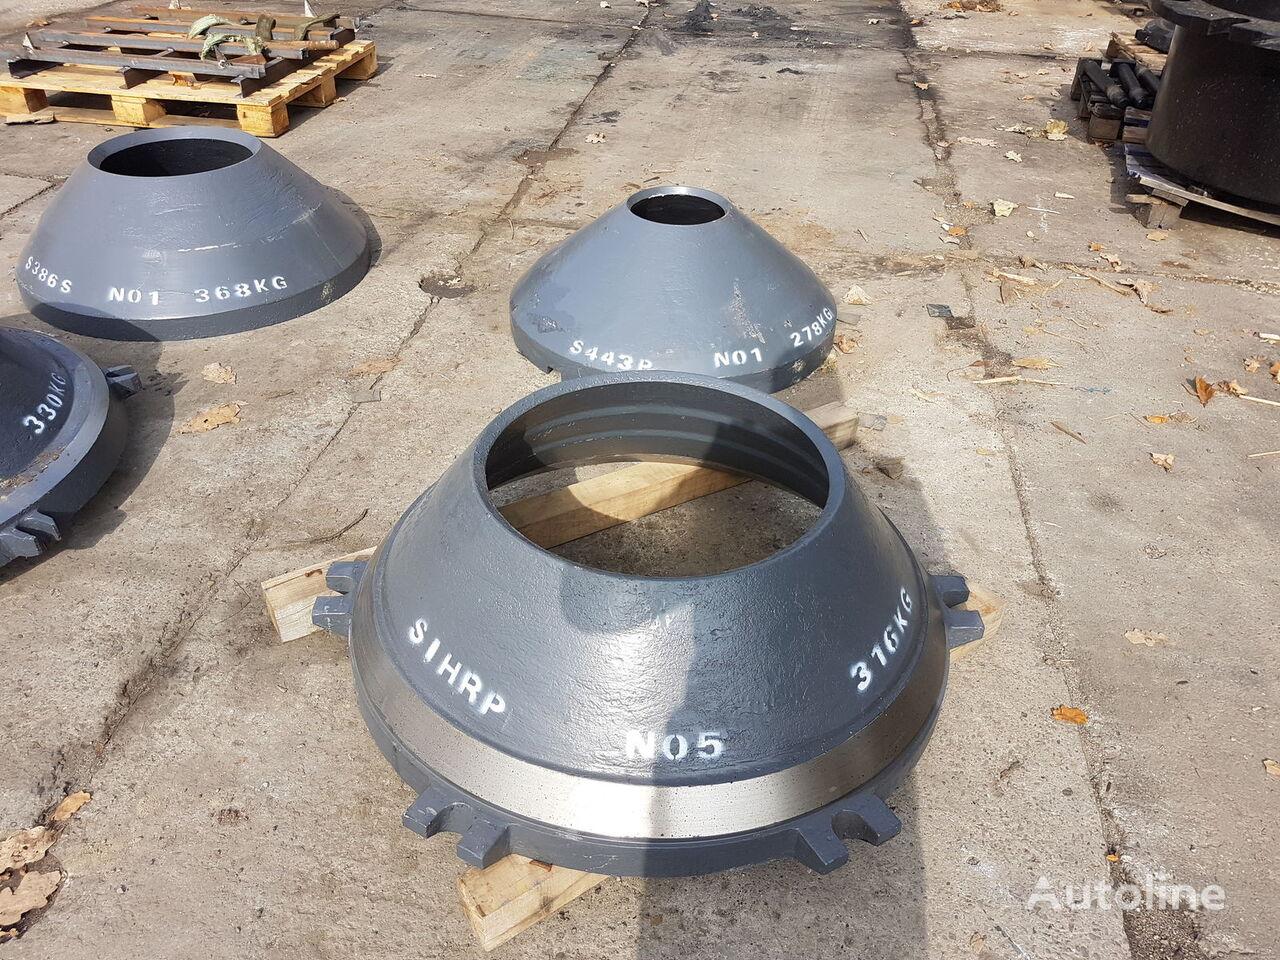 DKT 900 wear parts cone mantle sonstige Ausrüstung